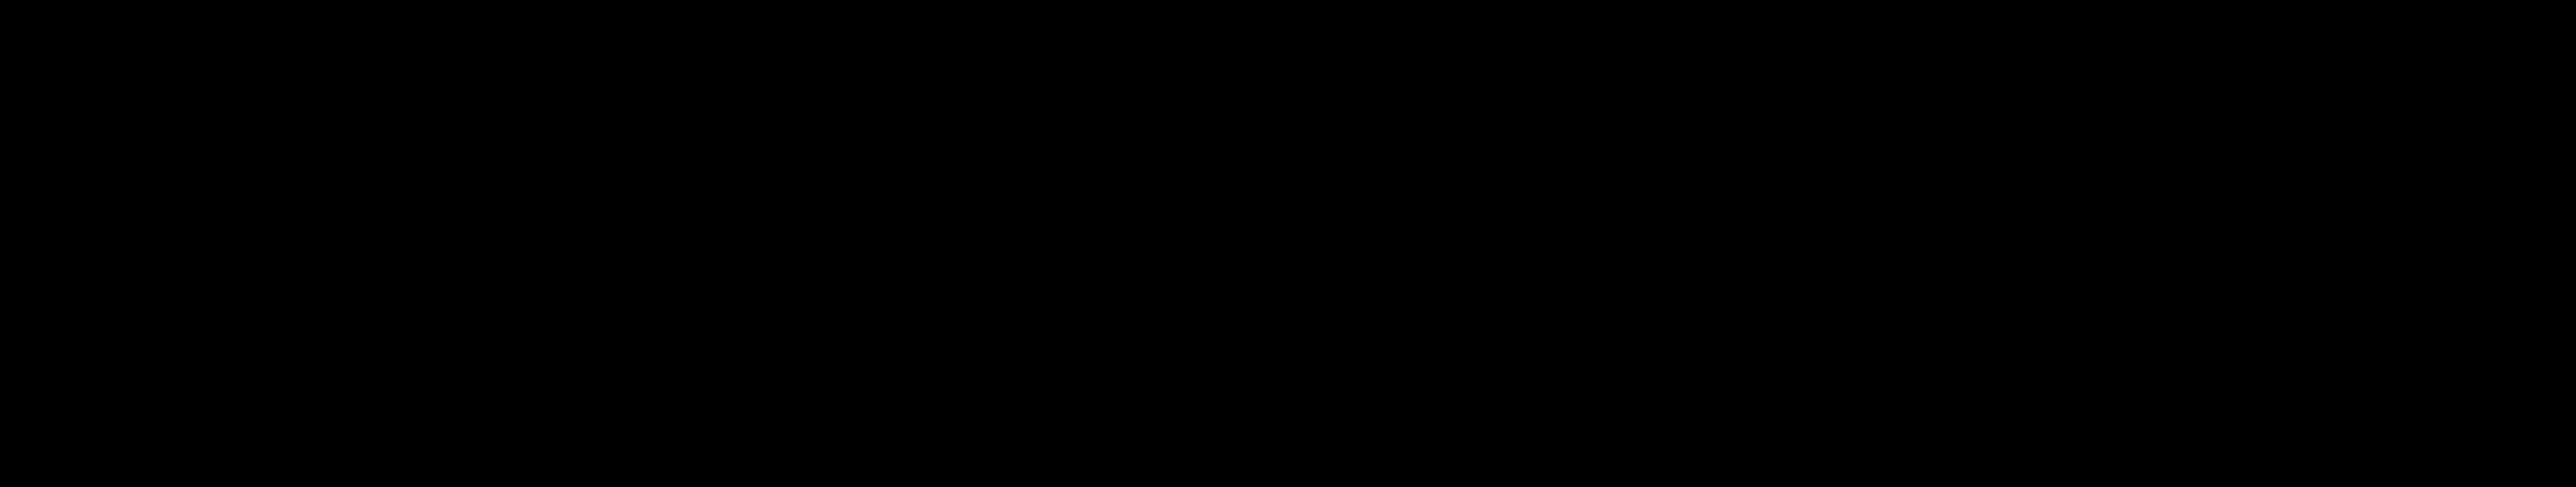 logo zuschnitt